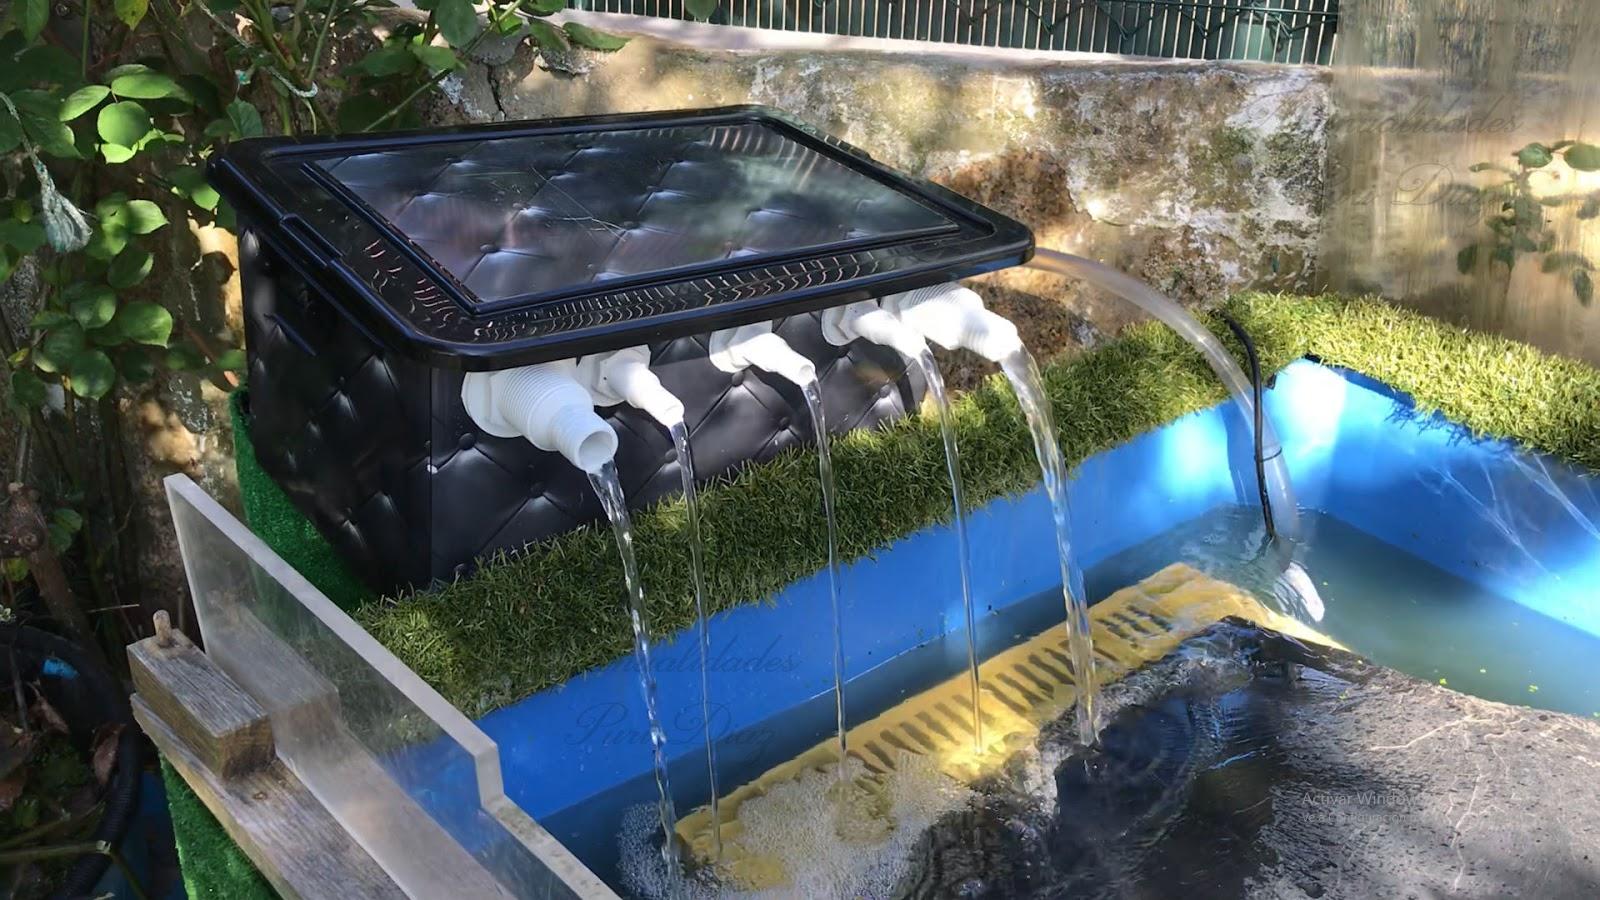 Mi jardin y mi huerto nuevo filtro casero para el for Filtro casero para estanque